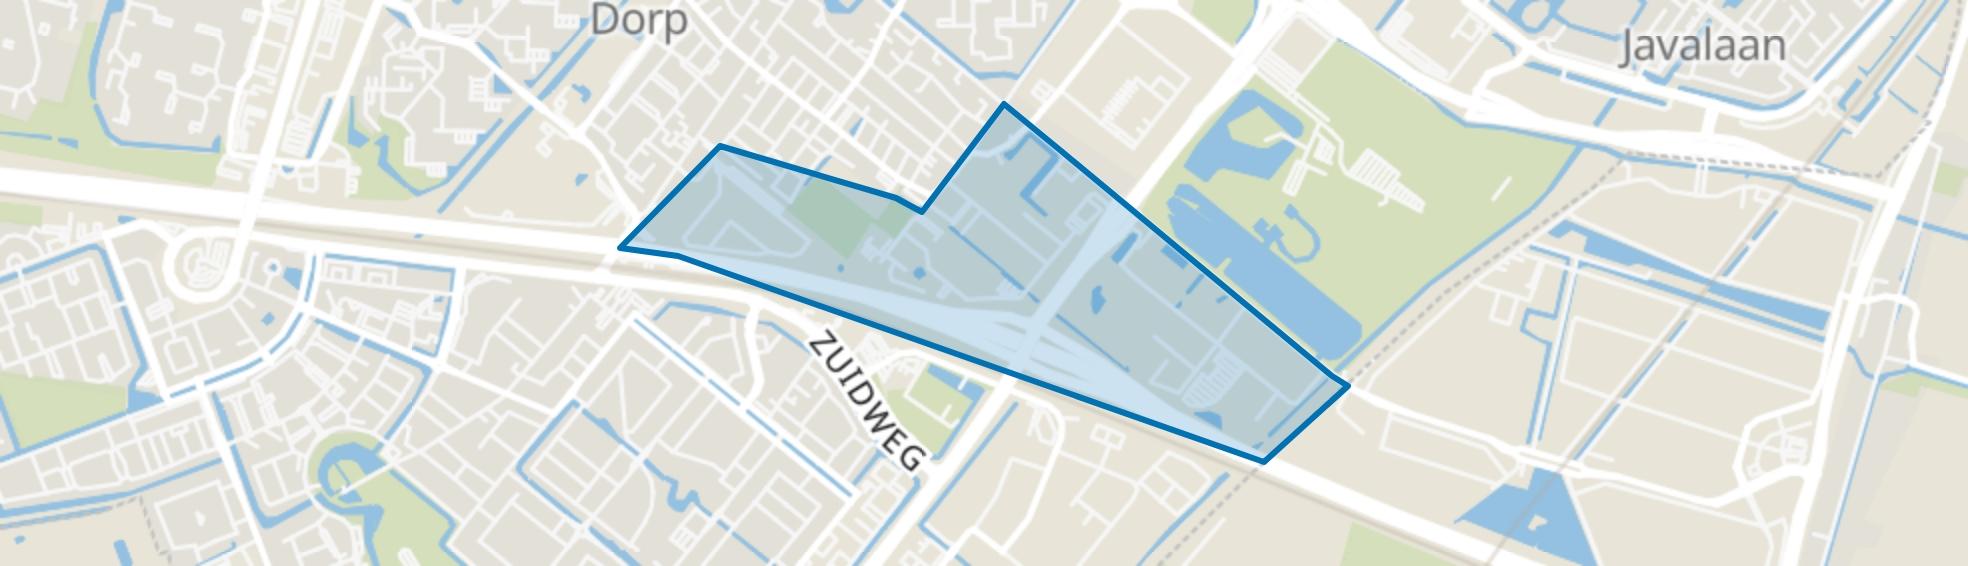 Rokkehage c.a., Zoetermeer map